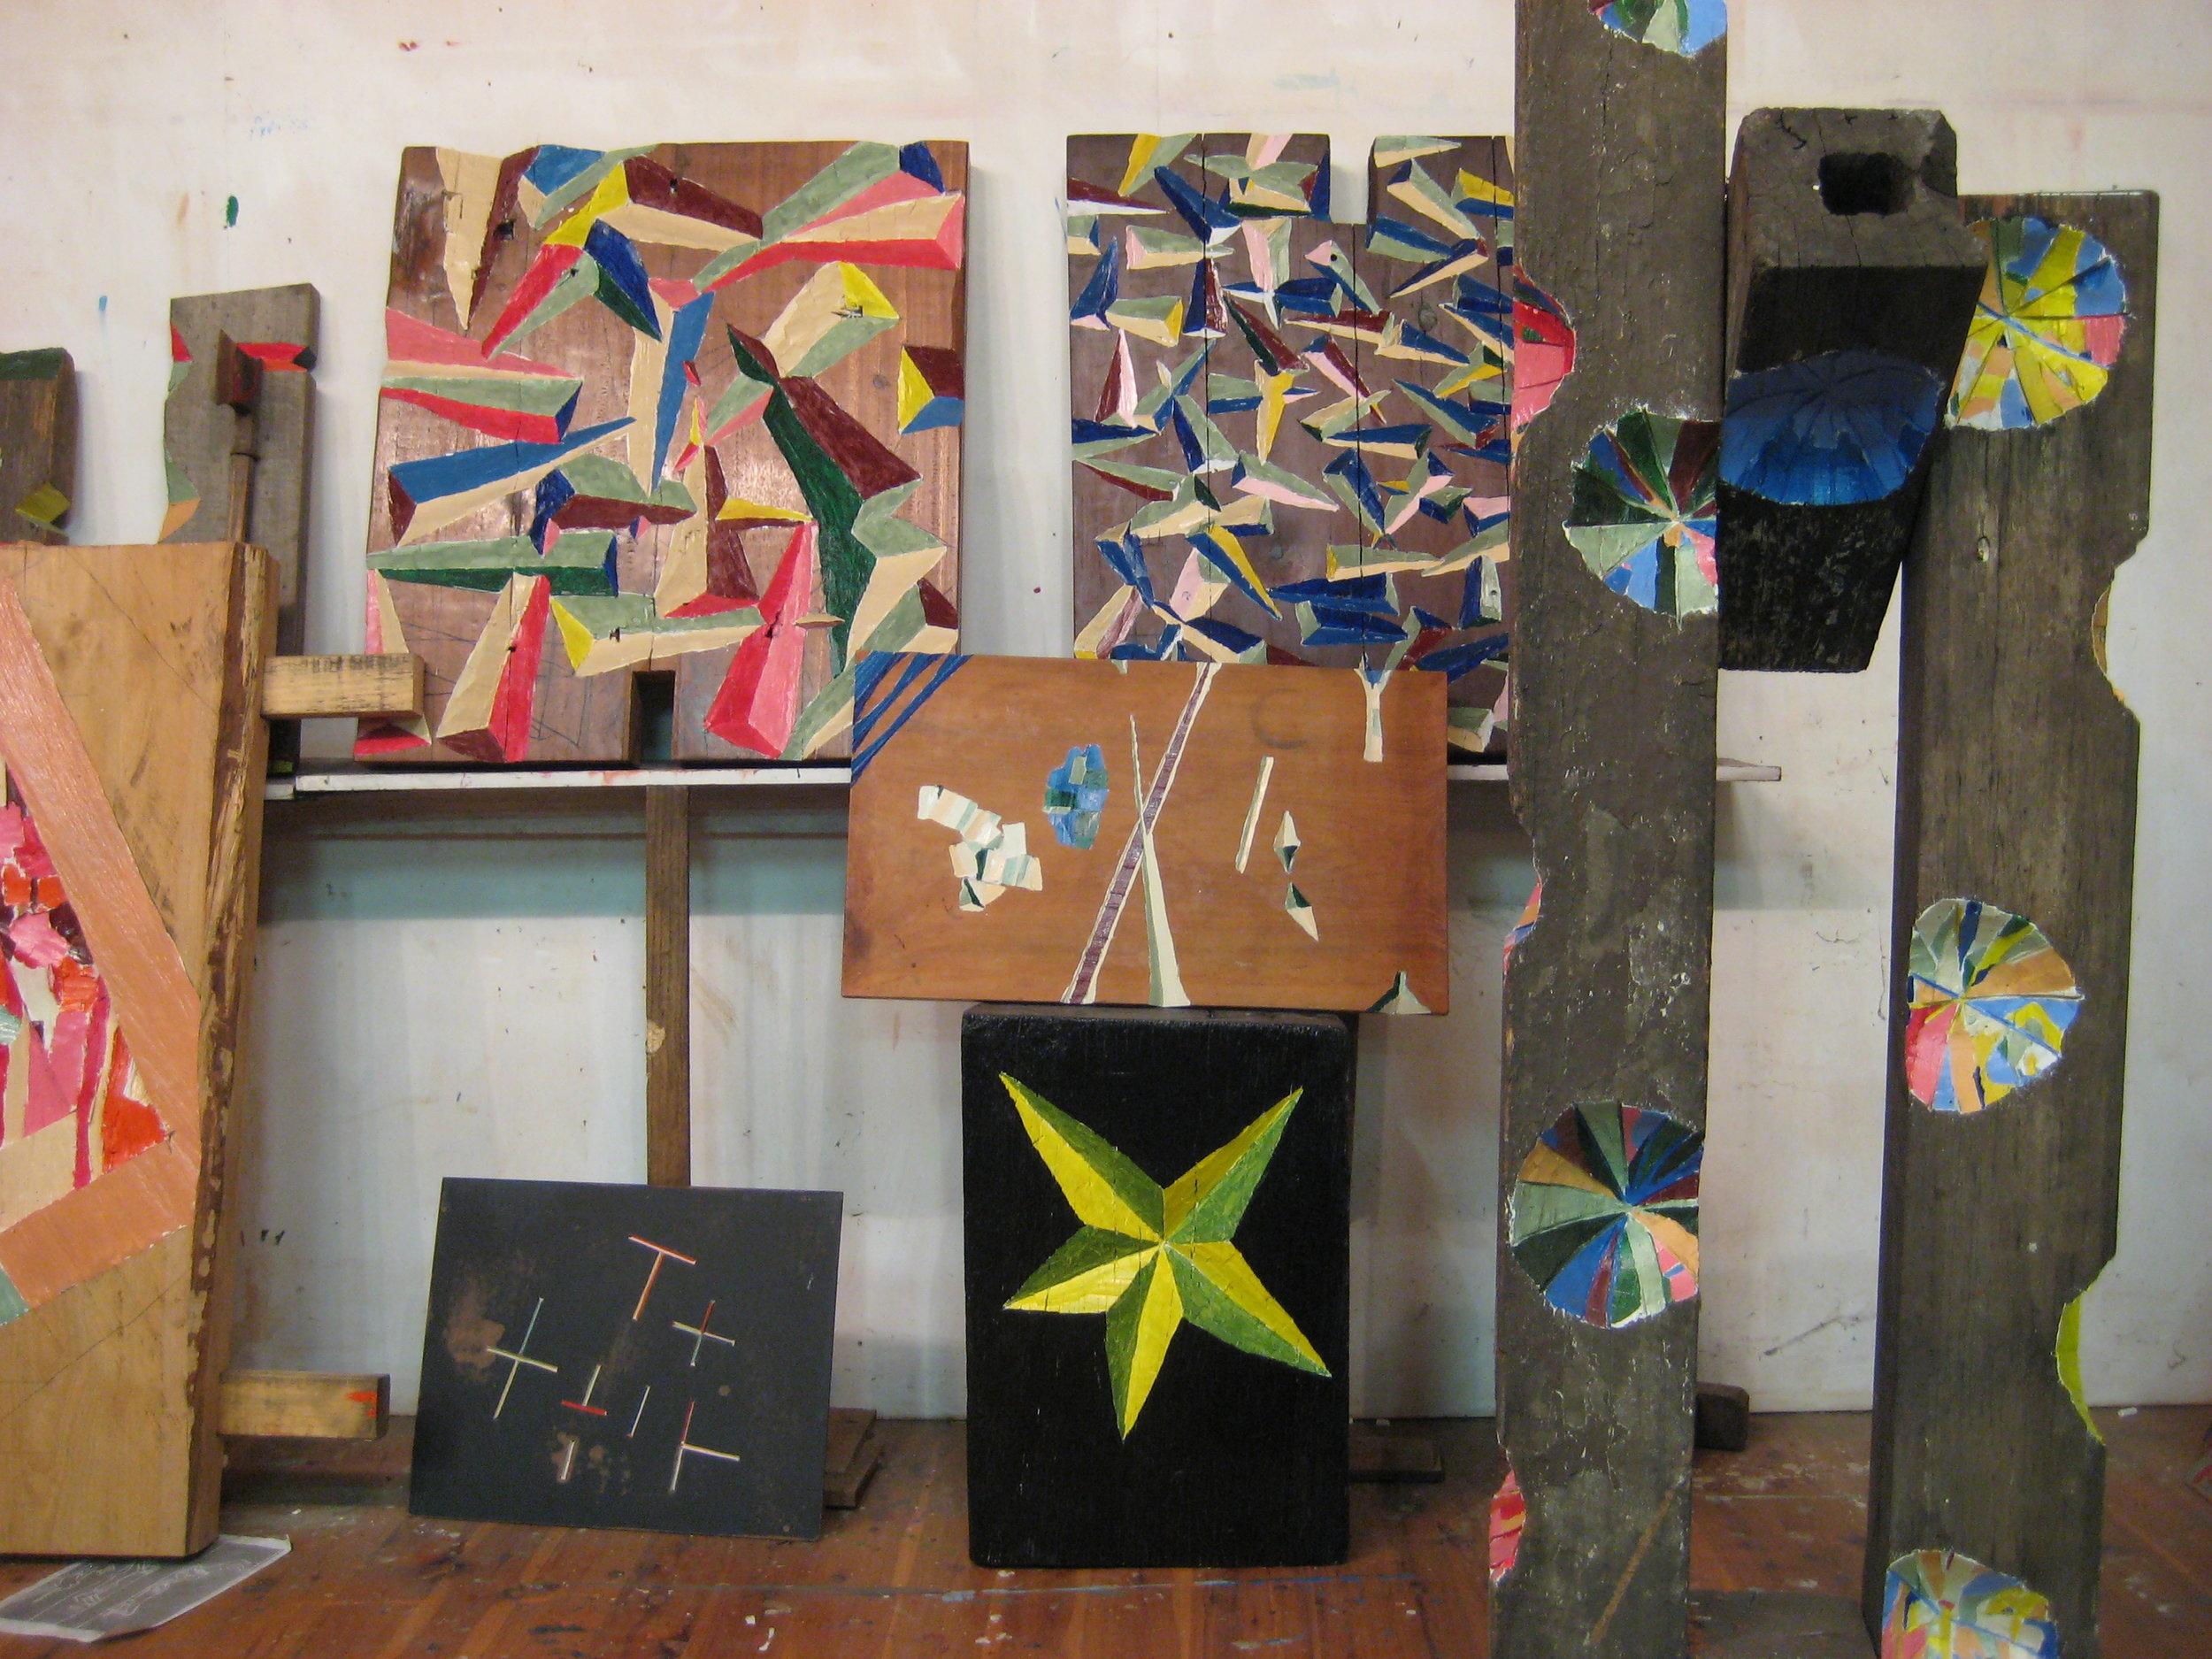 Experimental Art, 2008